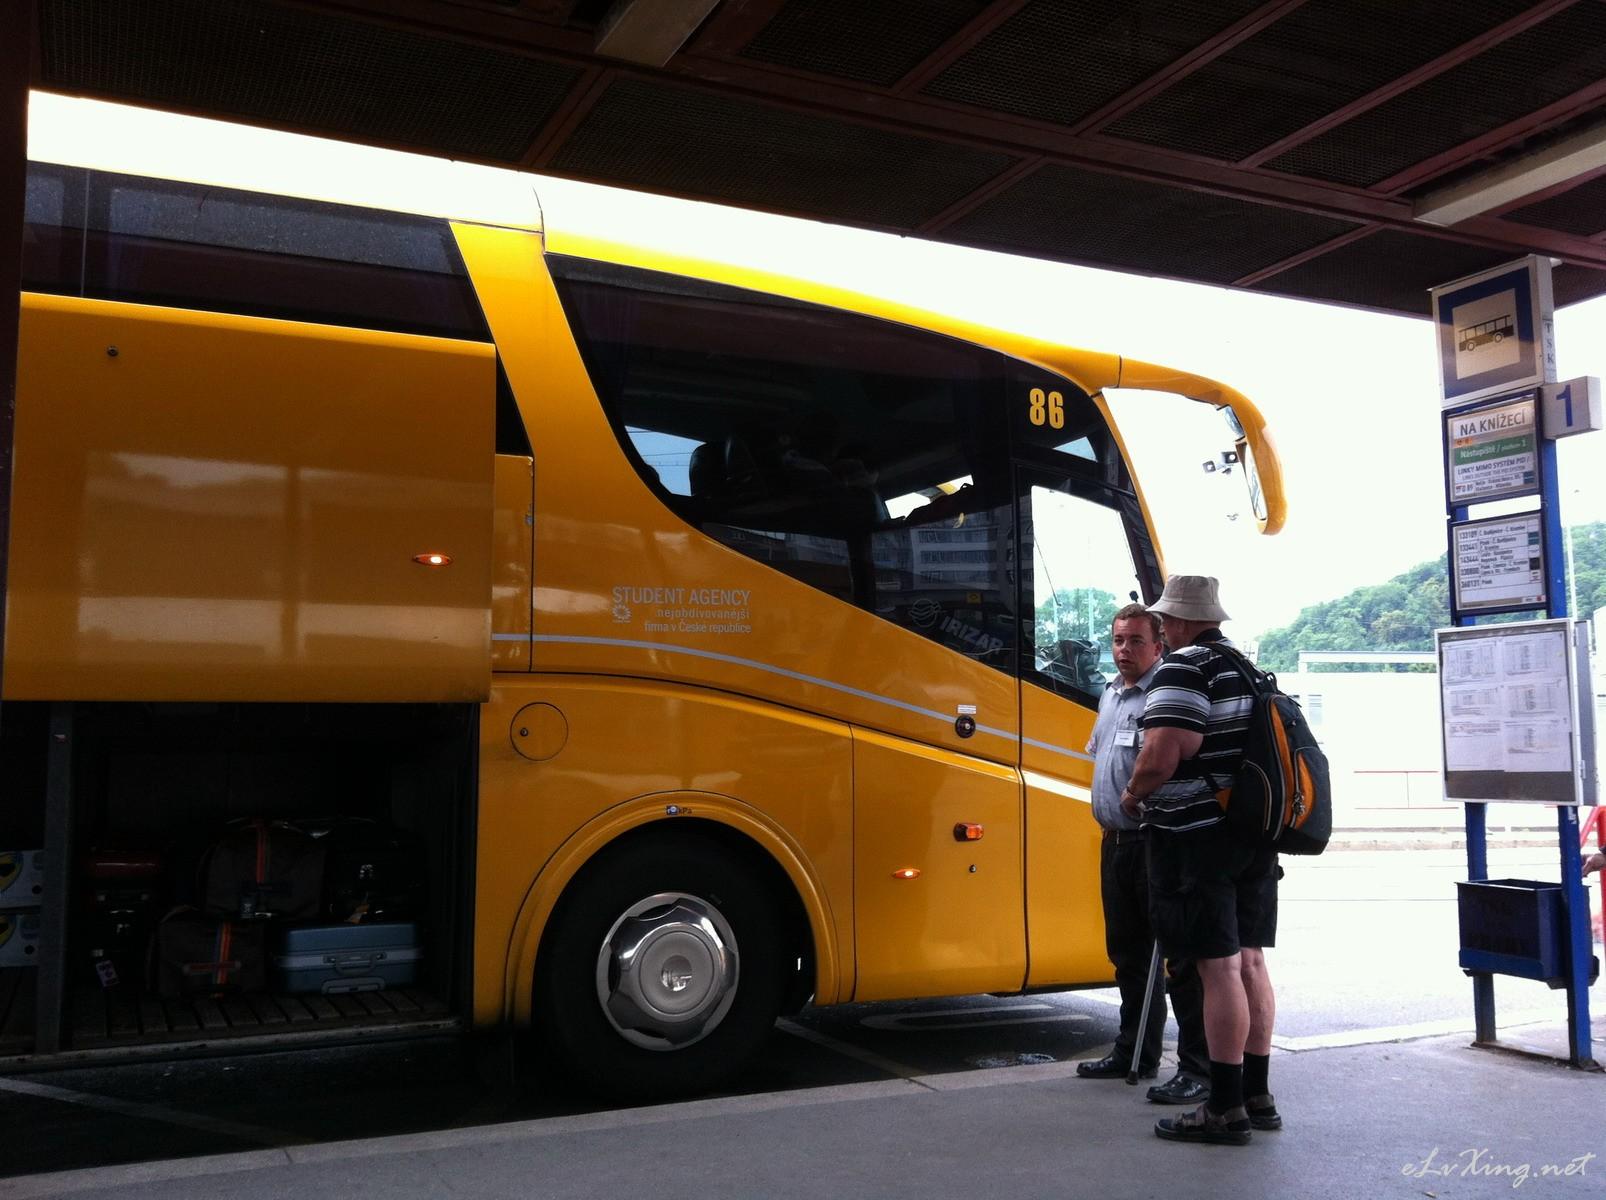 太平机场大巴到哈尔宾火车站要多久急求啊?-哈尔滨到